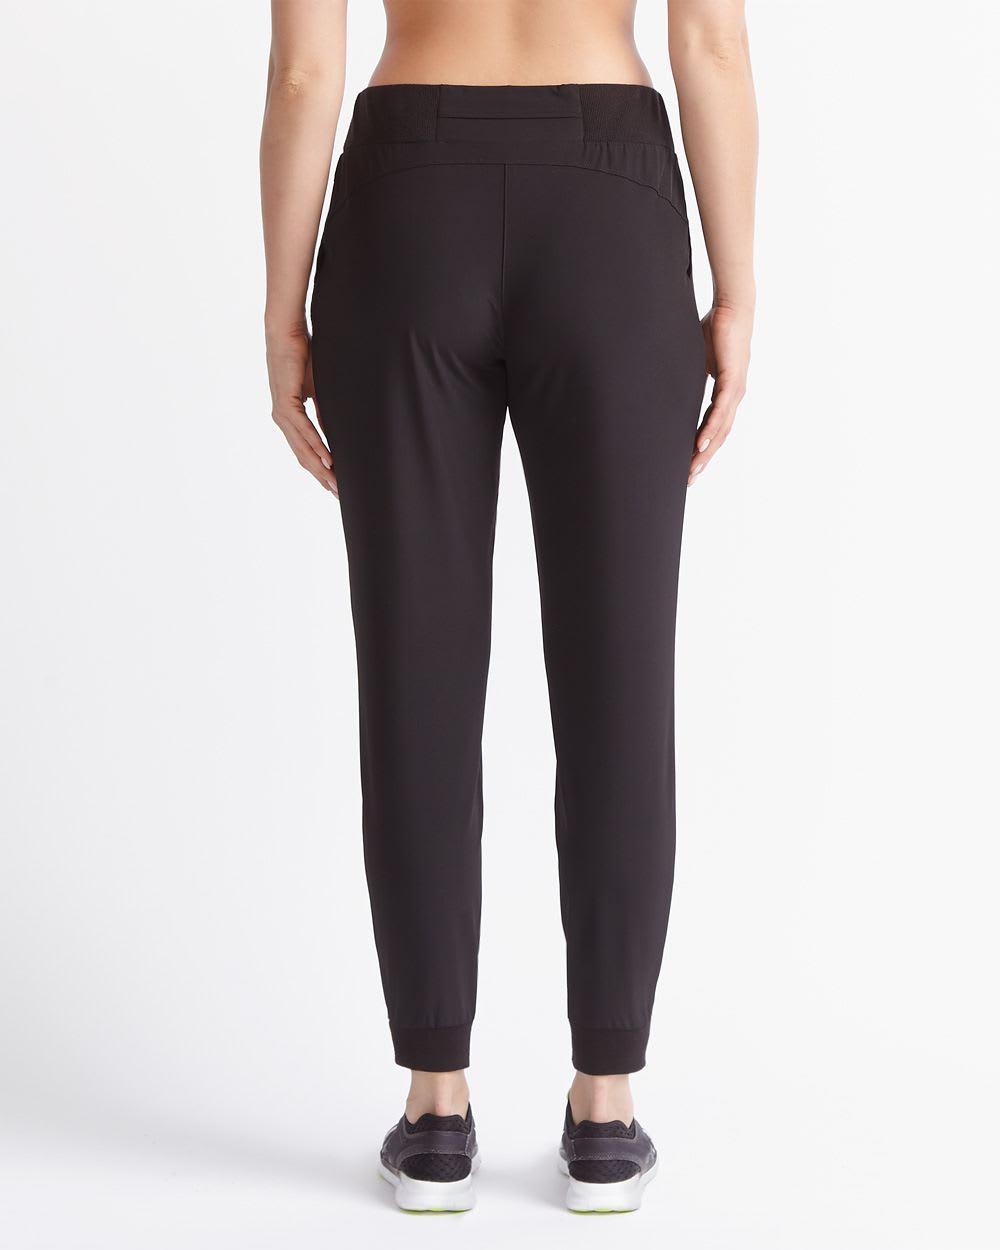 Hyba Woven Pants  ce2ae4e4b61b3